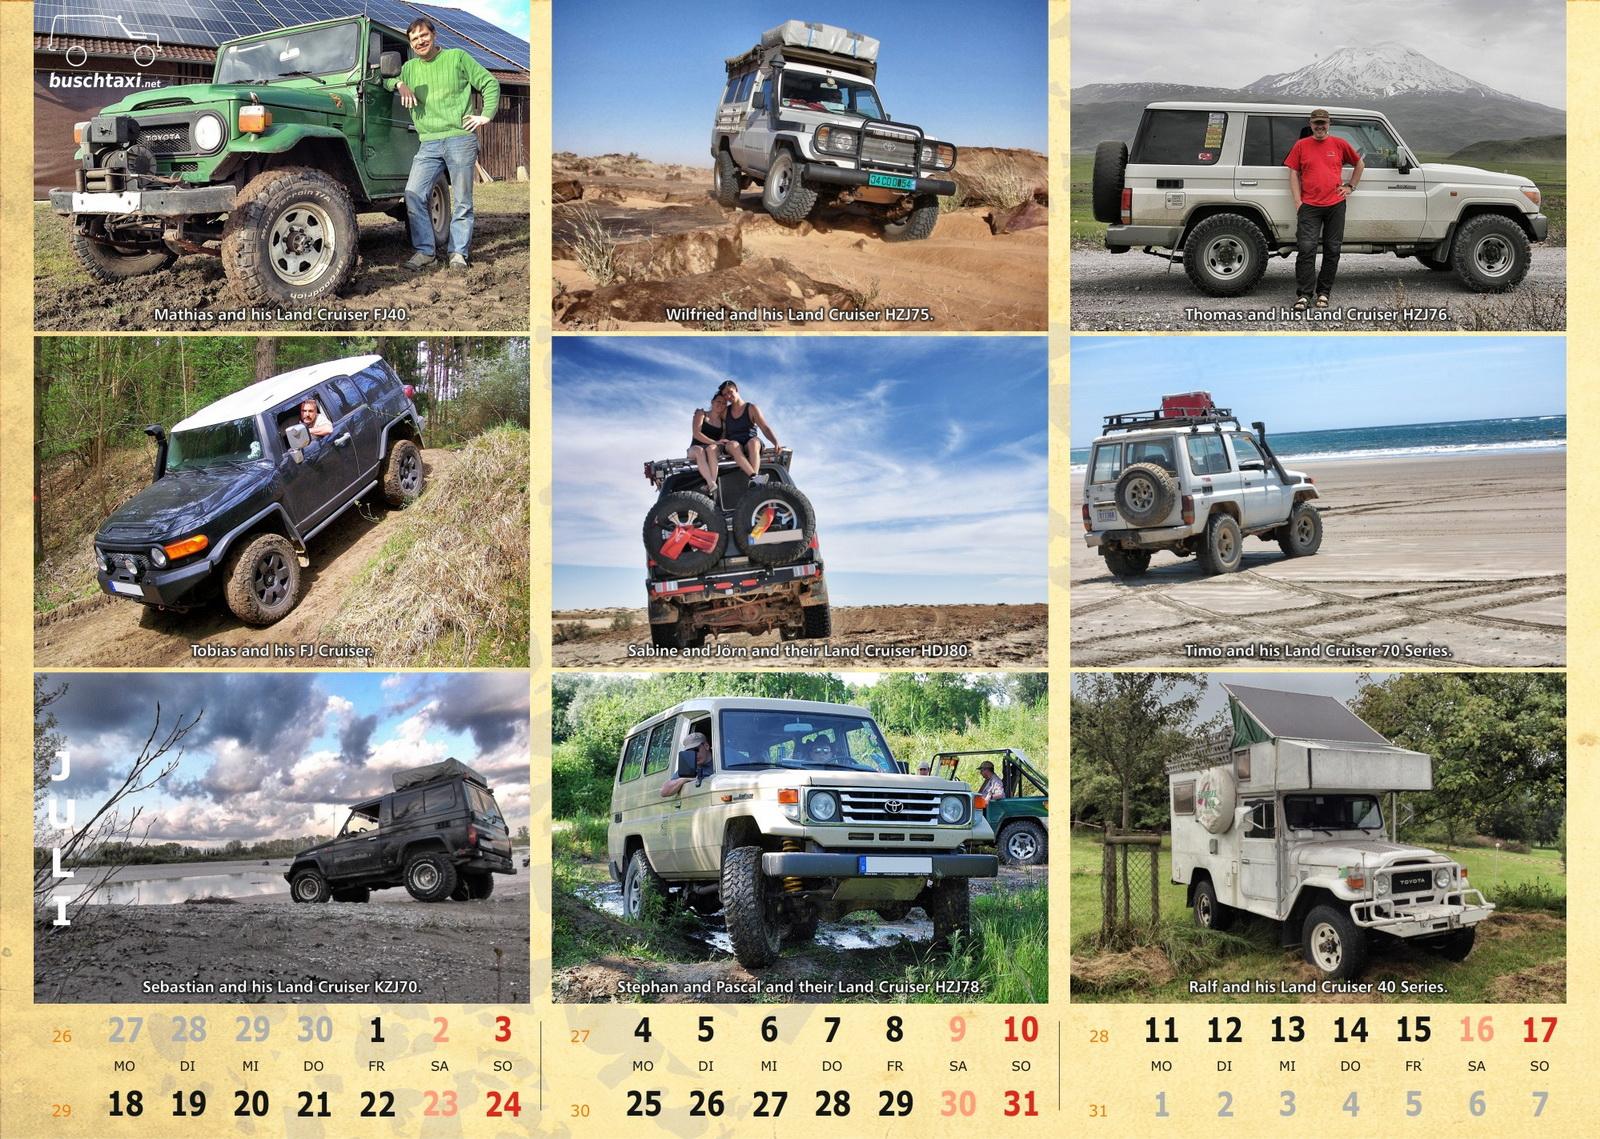 Buschtaxi-Kalender 2016-07